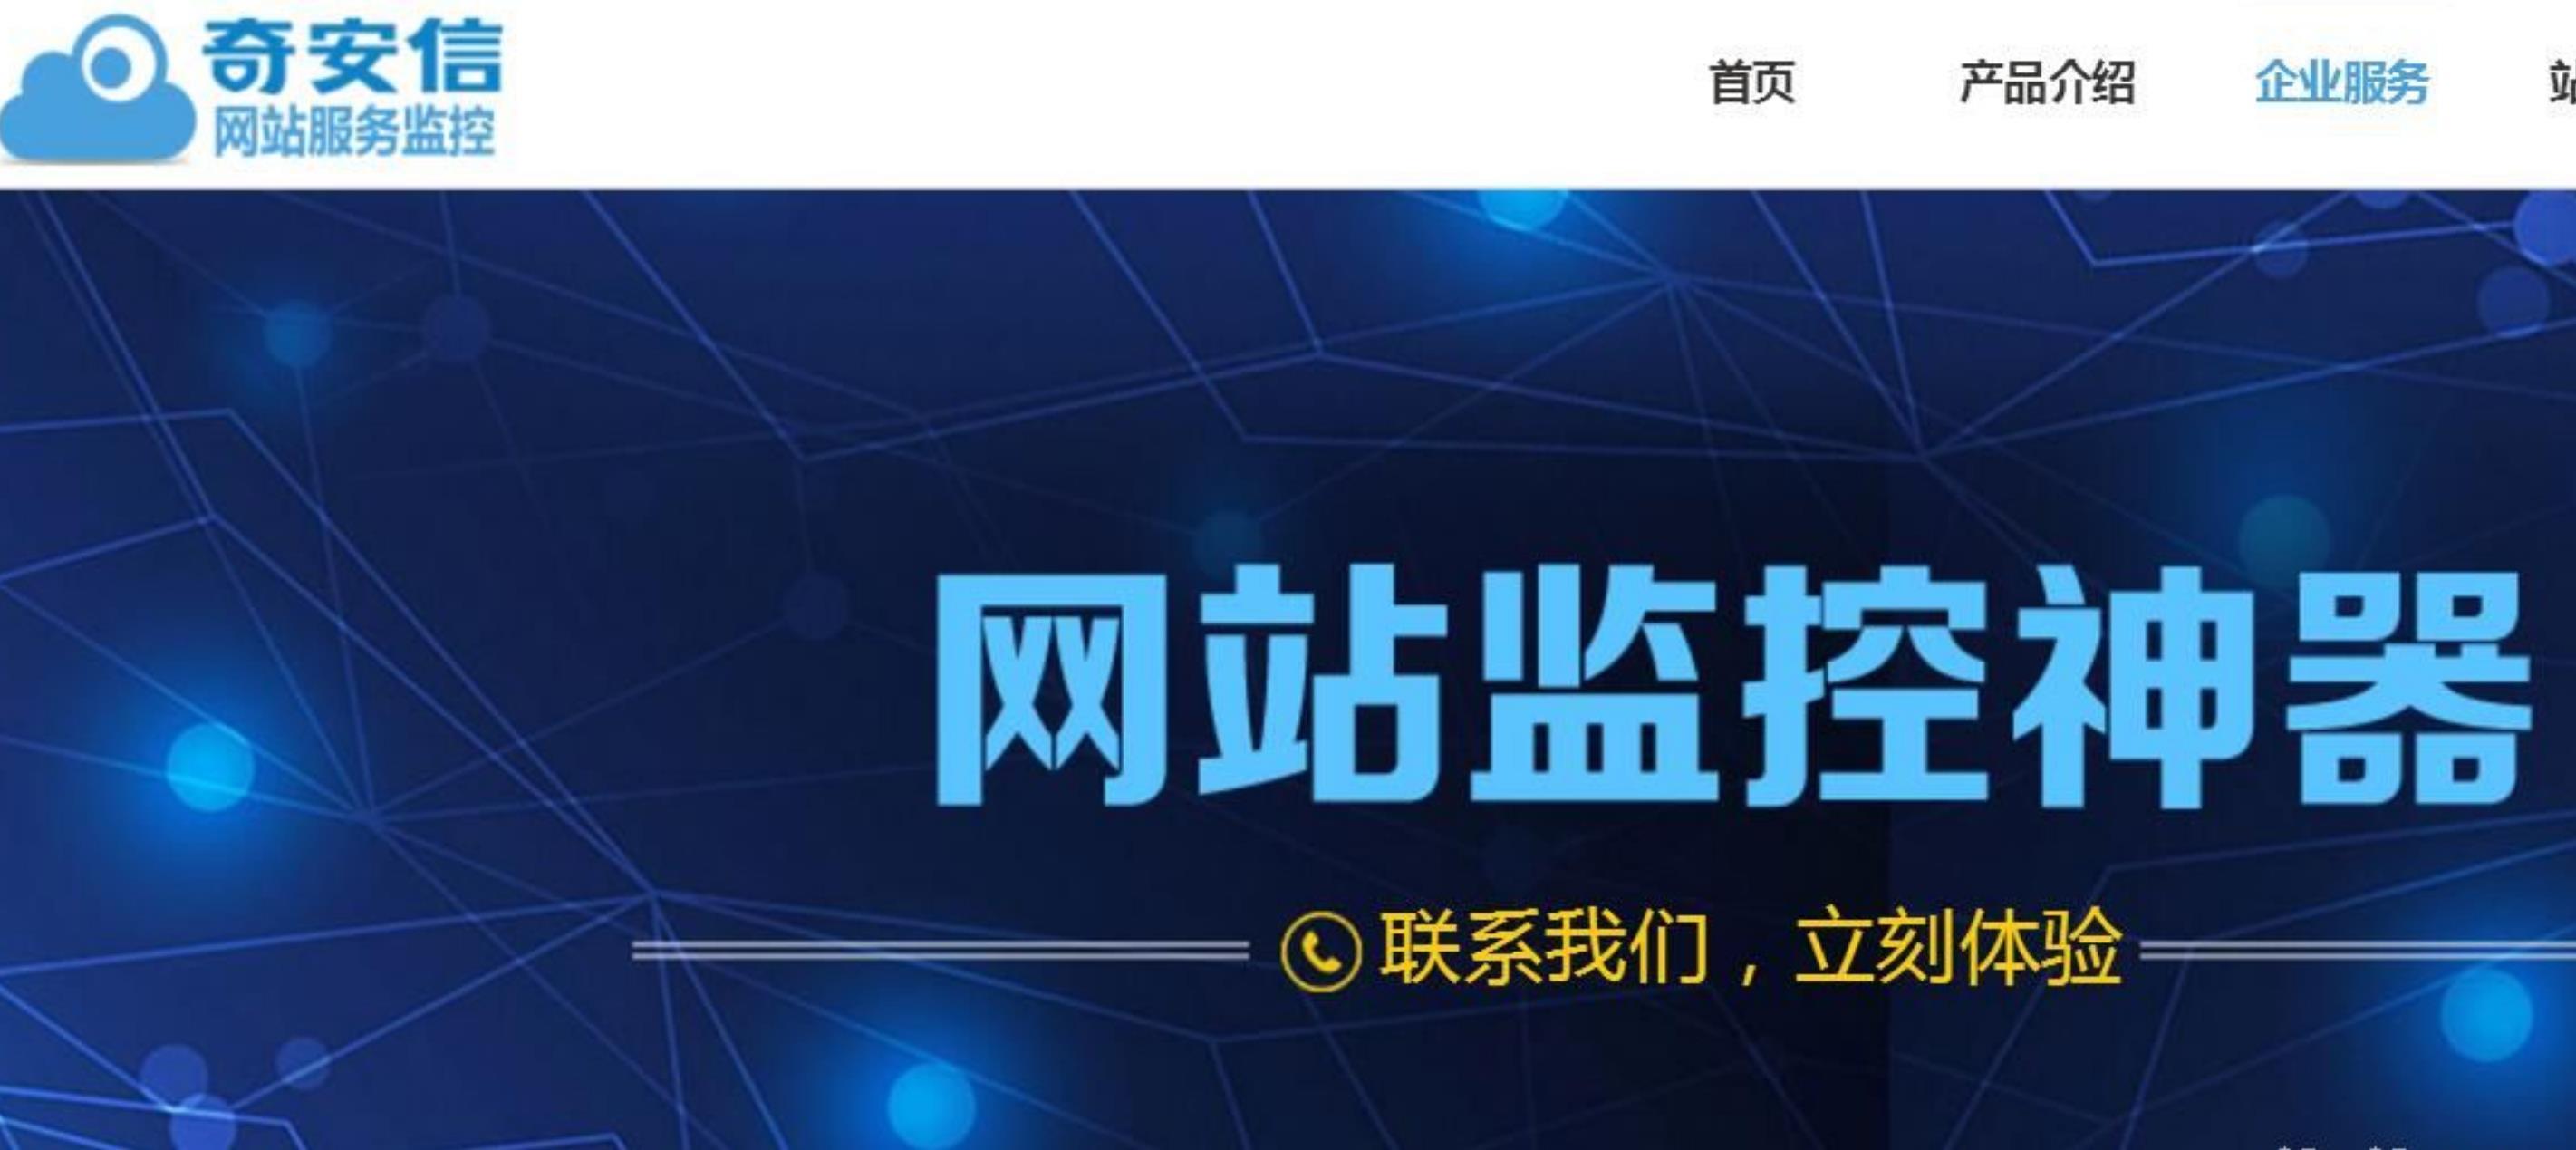 香港主机和美国主机哪个更加利于SEO优化